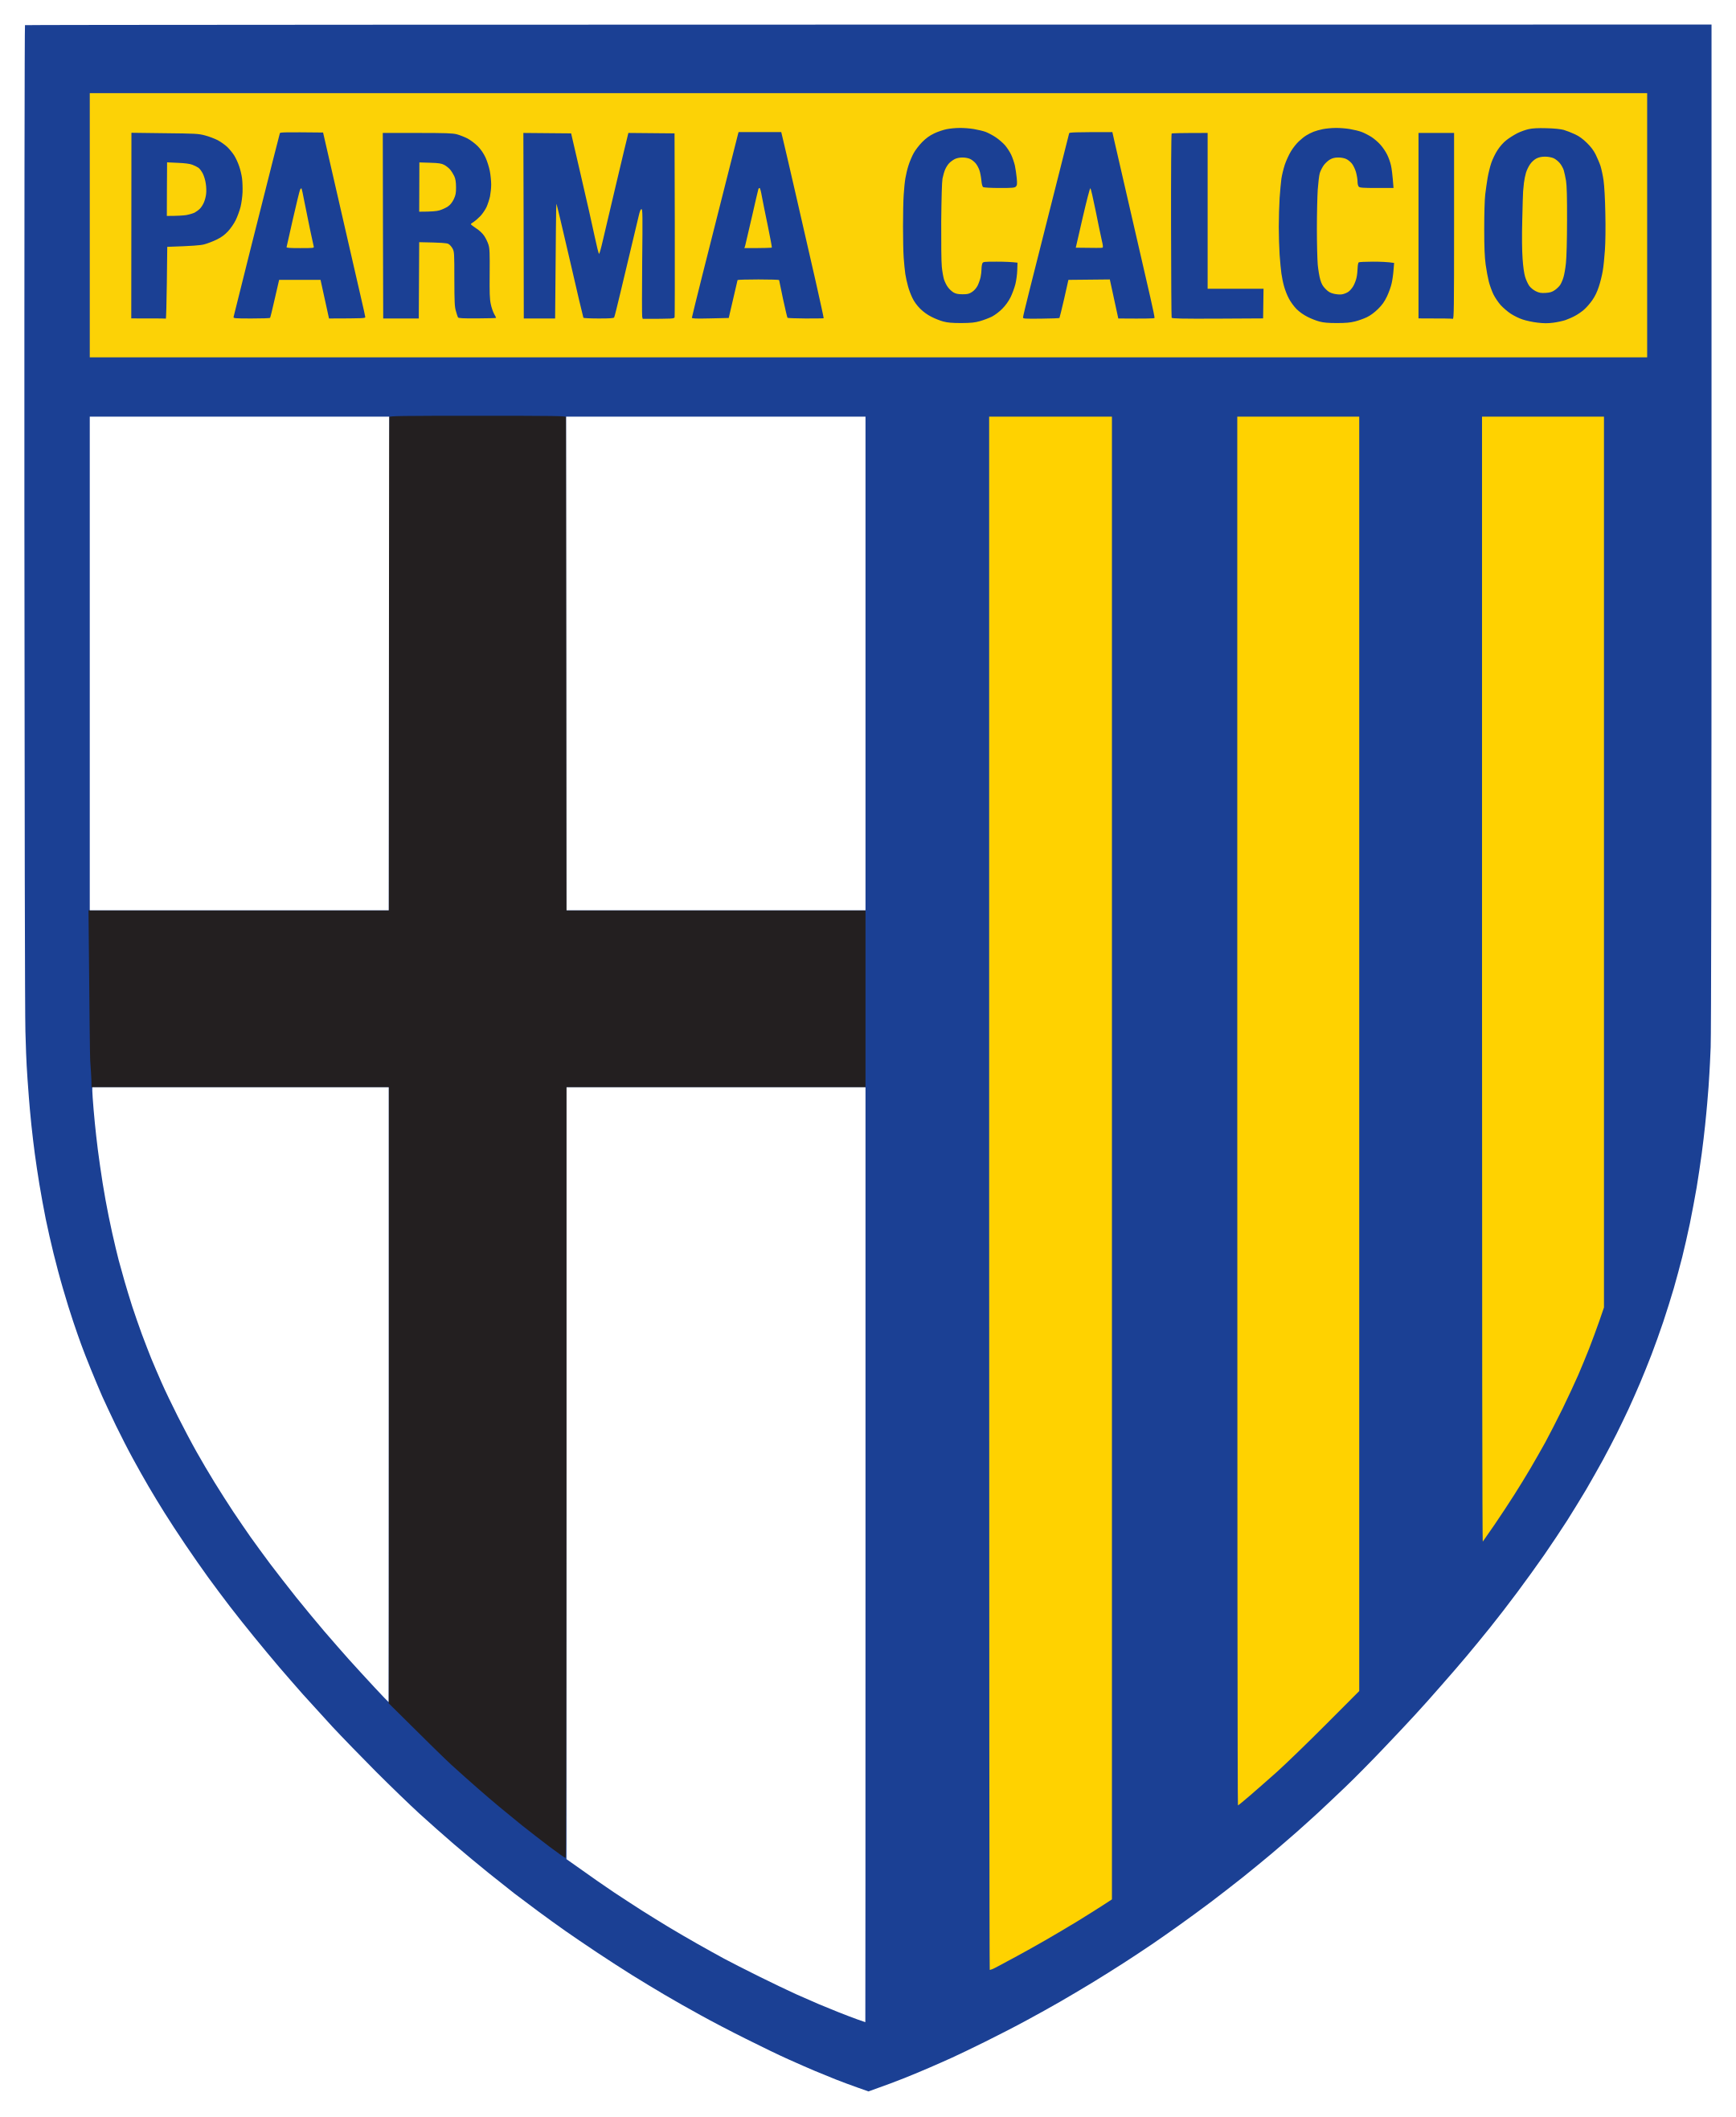 parma logo 1 - Parma Logo